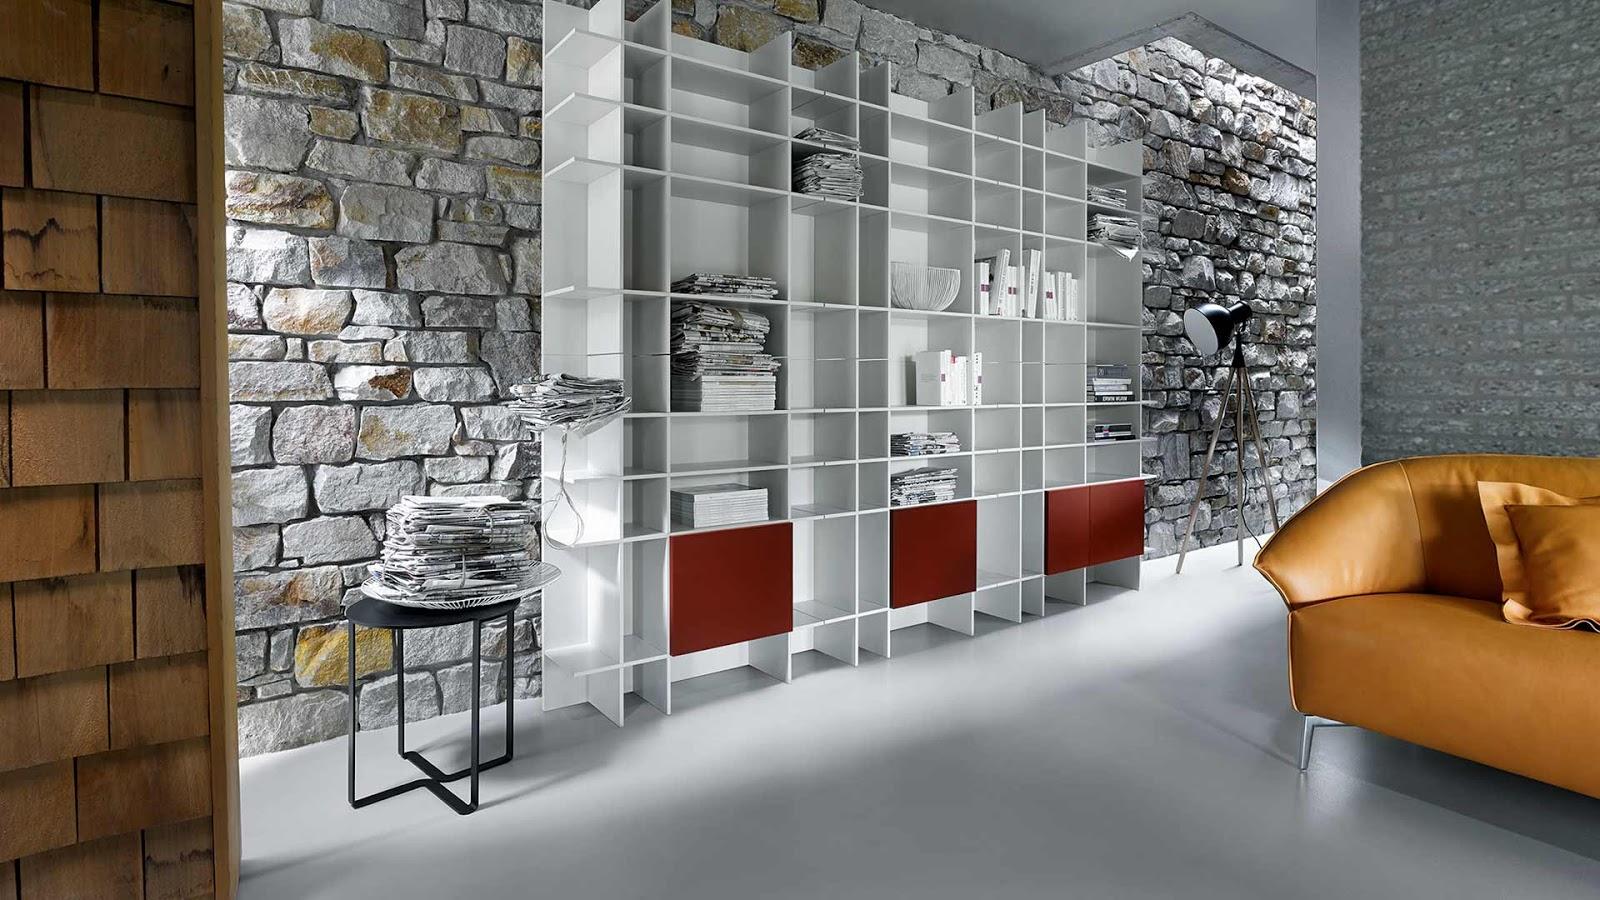 Die Neugierig Sind Wie Das Wohnzimmer Und Familie Herrlich Zu Modellieren Hier Einige Beispiele Fr Heilbronn Sie Bemerkt